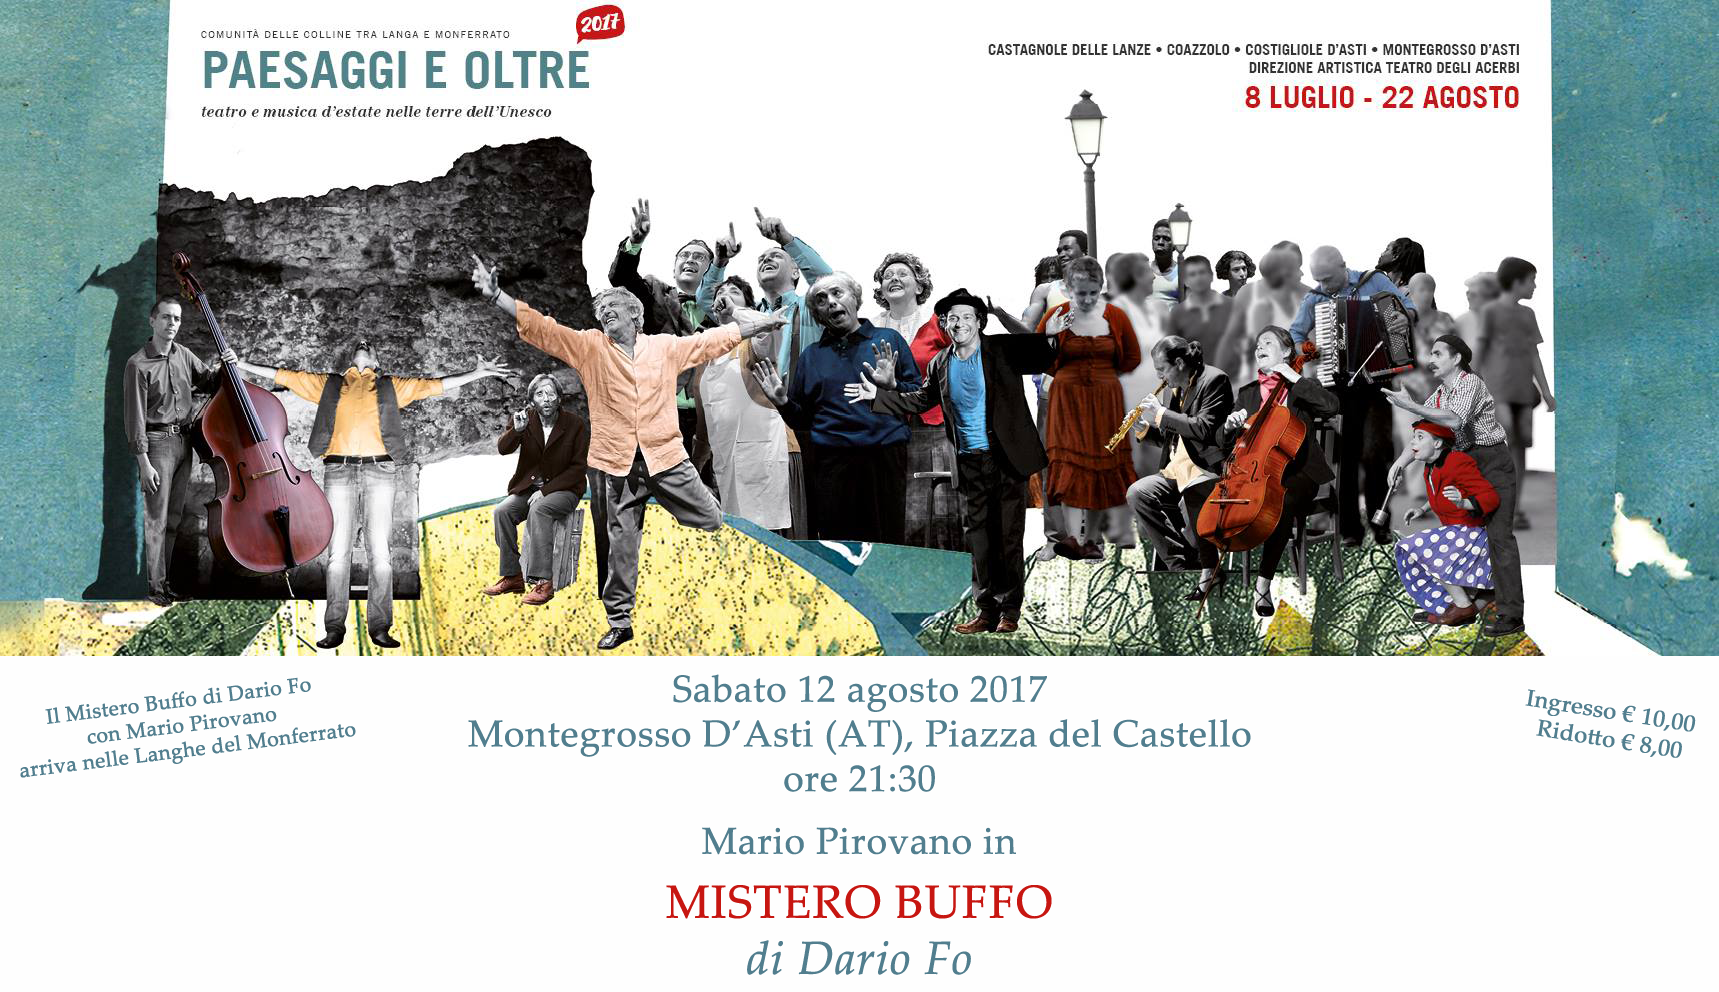 Mario Pirovano Mistero Buffo Dario Fo Montegrosso D'Asti